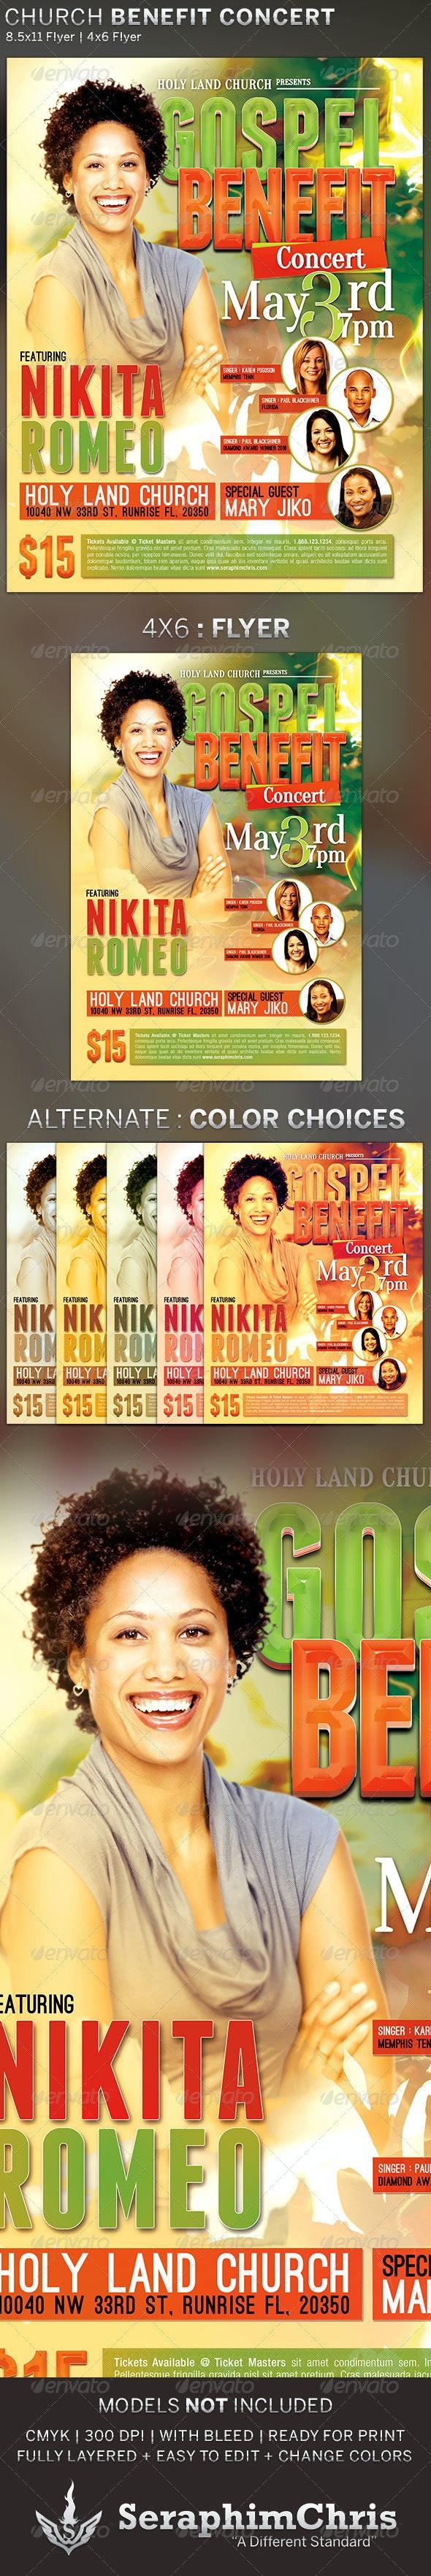 Gospel Benefit Concert: Church Flyer Template - Church Flyers